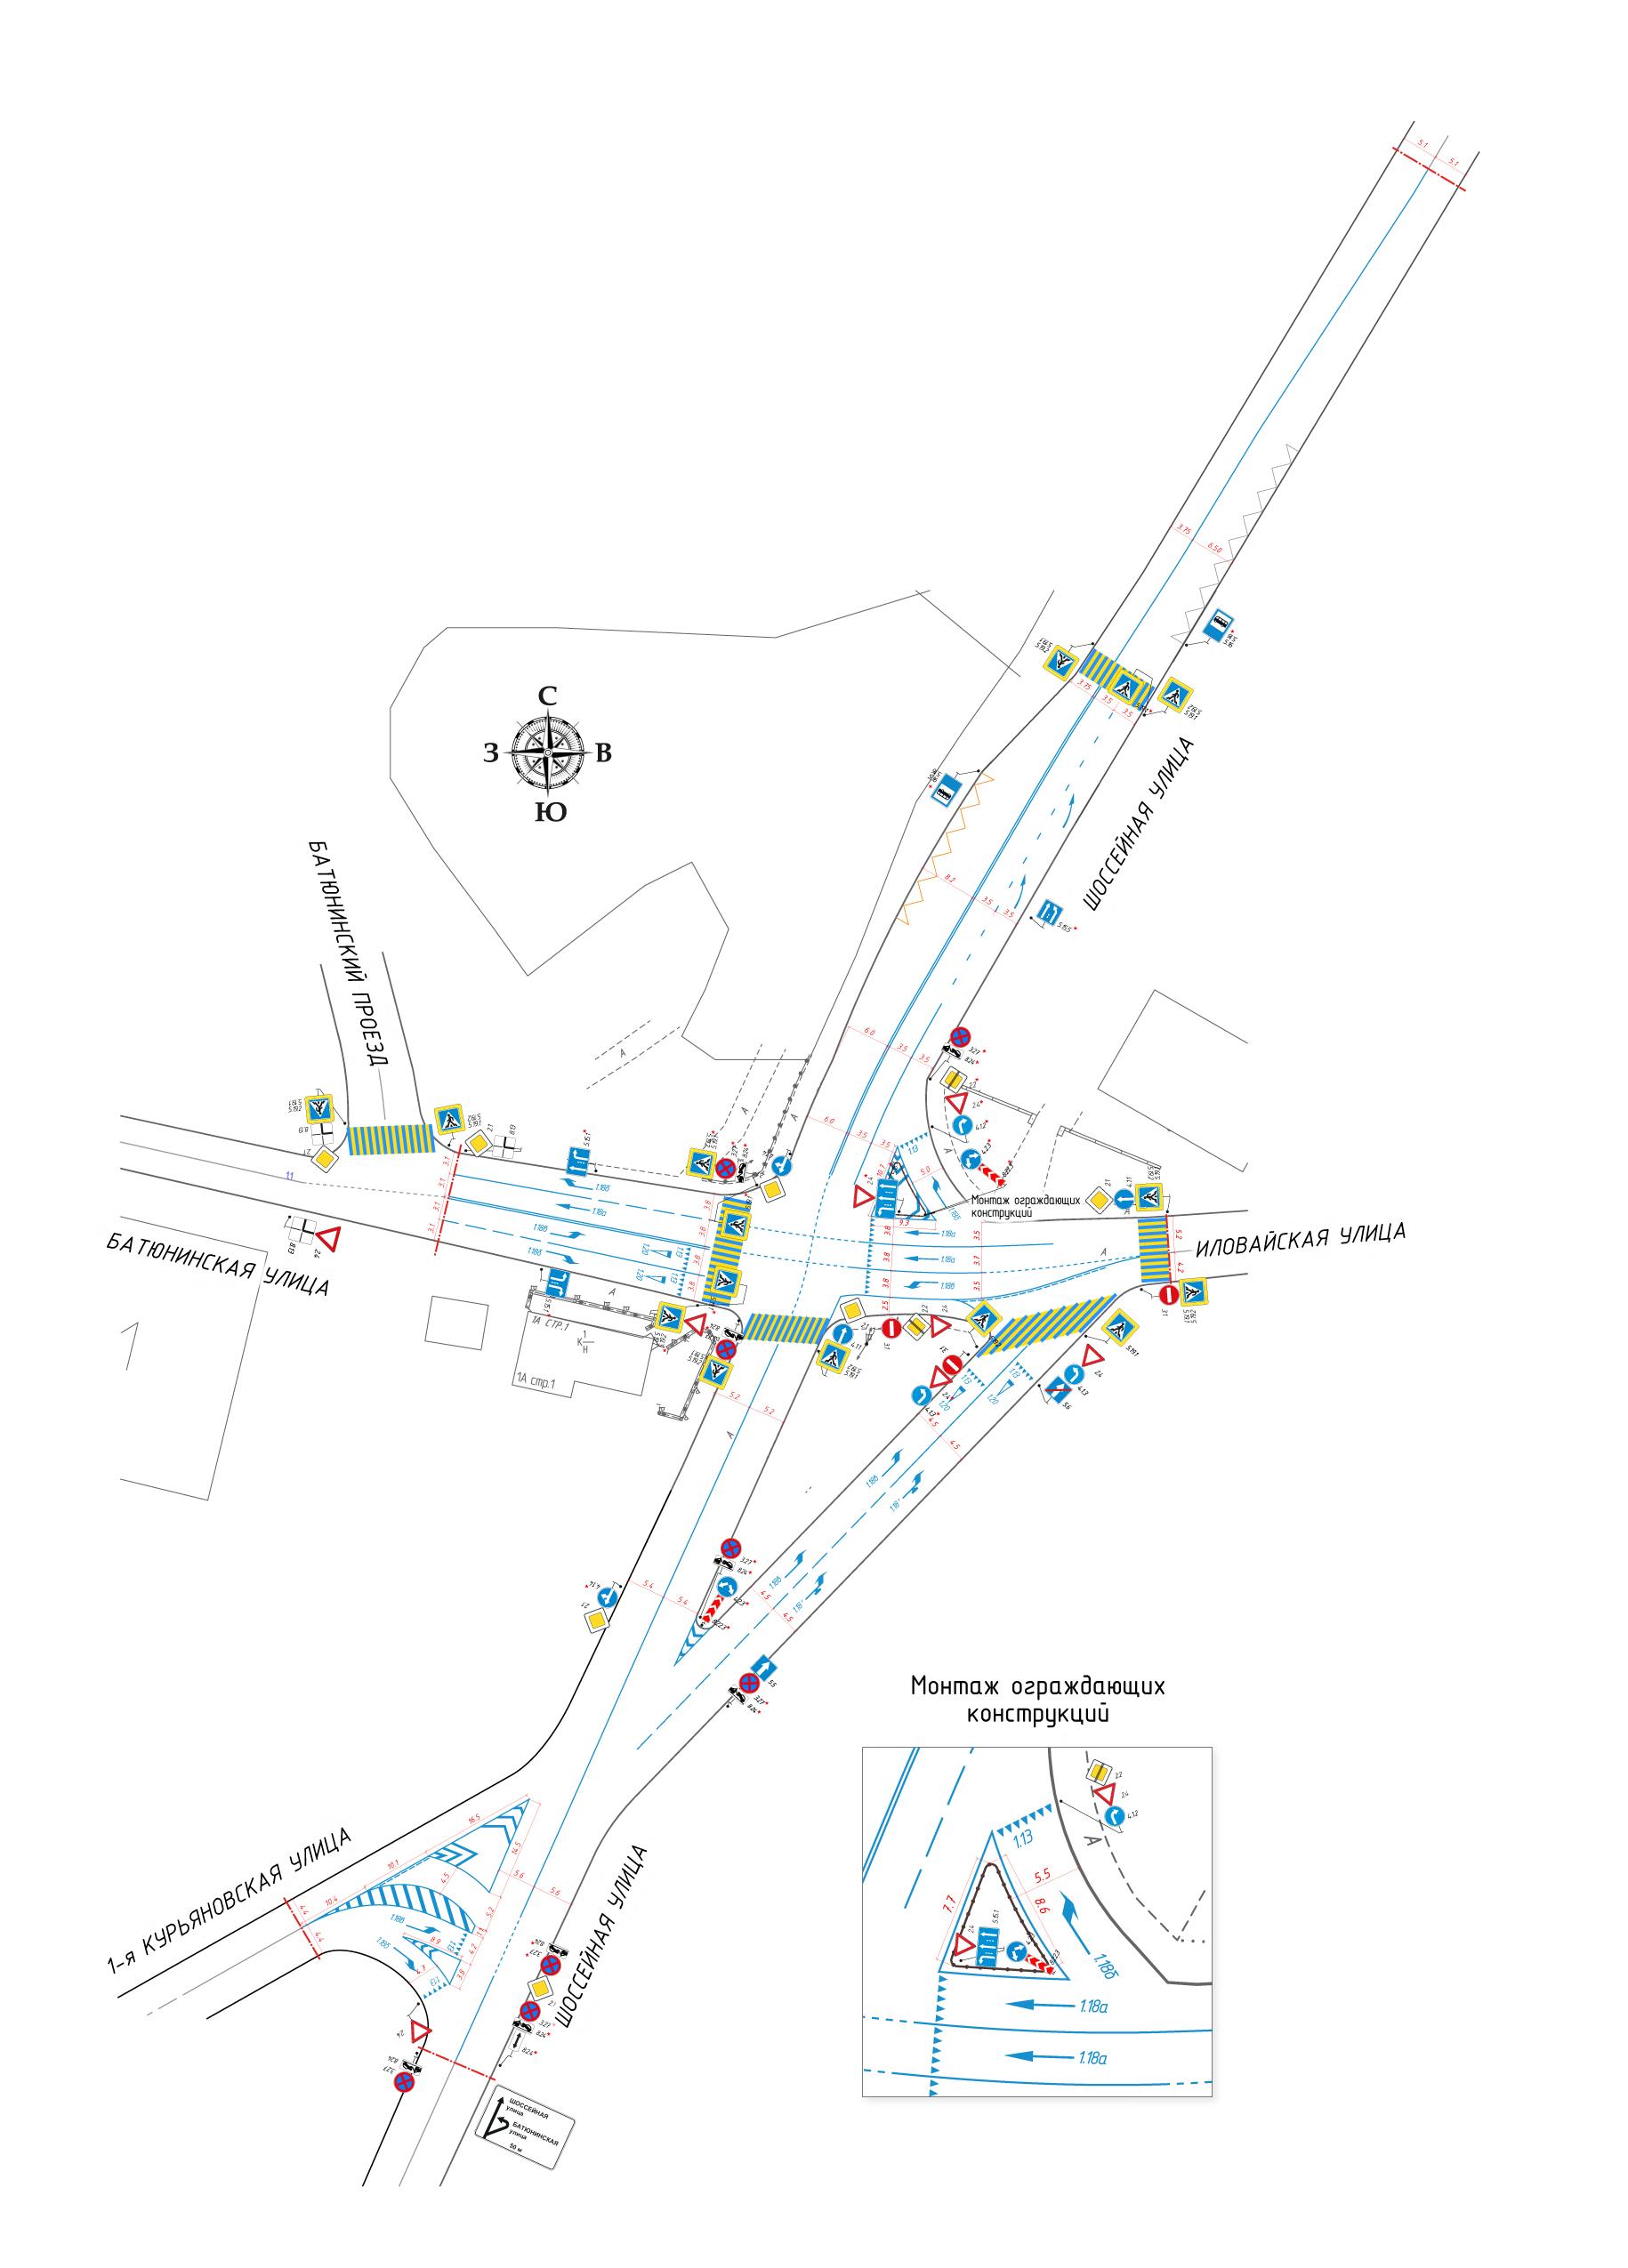 перекрытие движения на варшавском шоссе 2014 схема